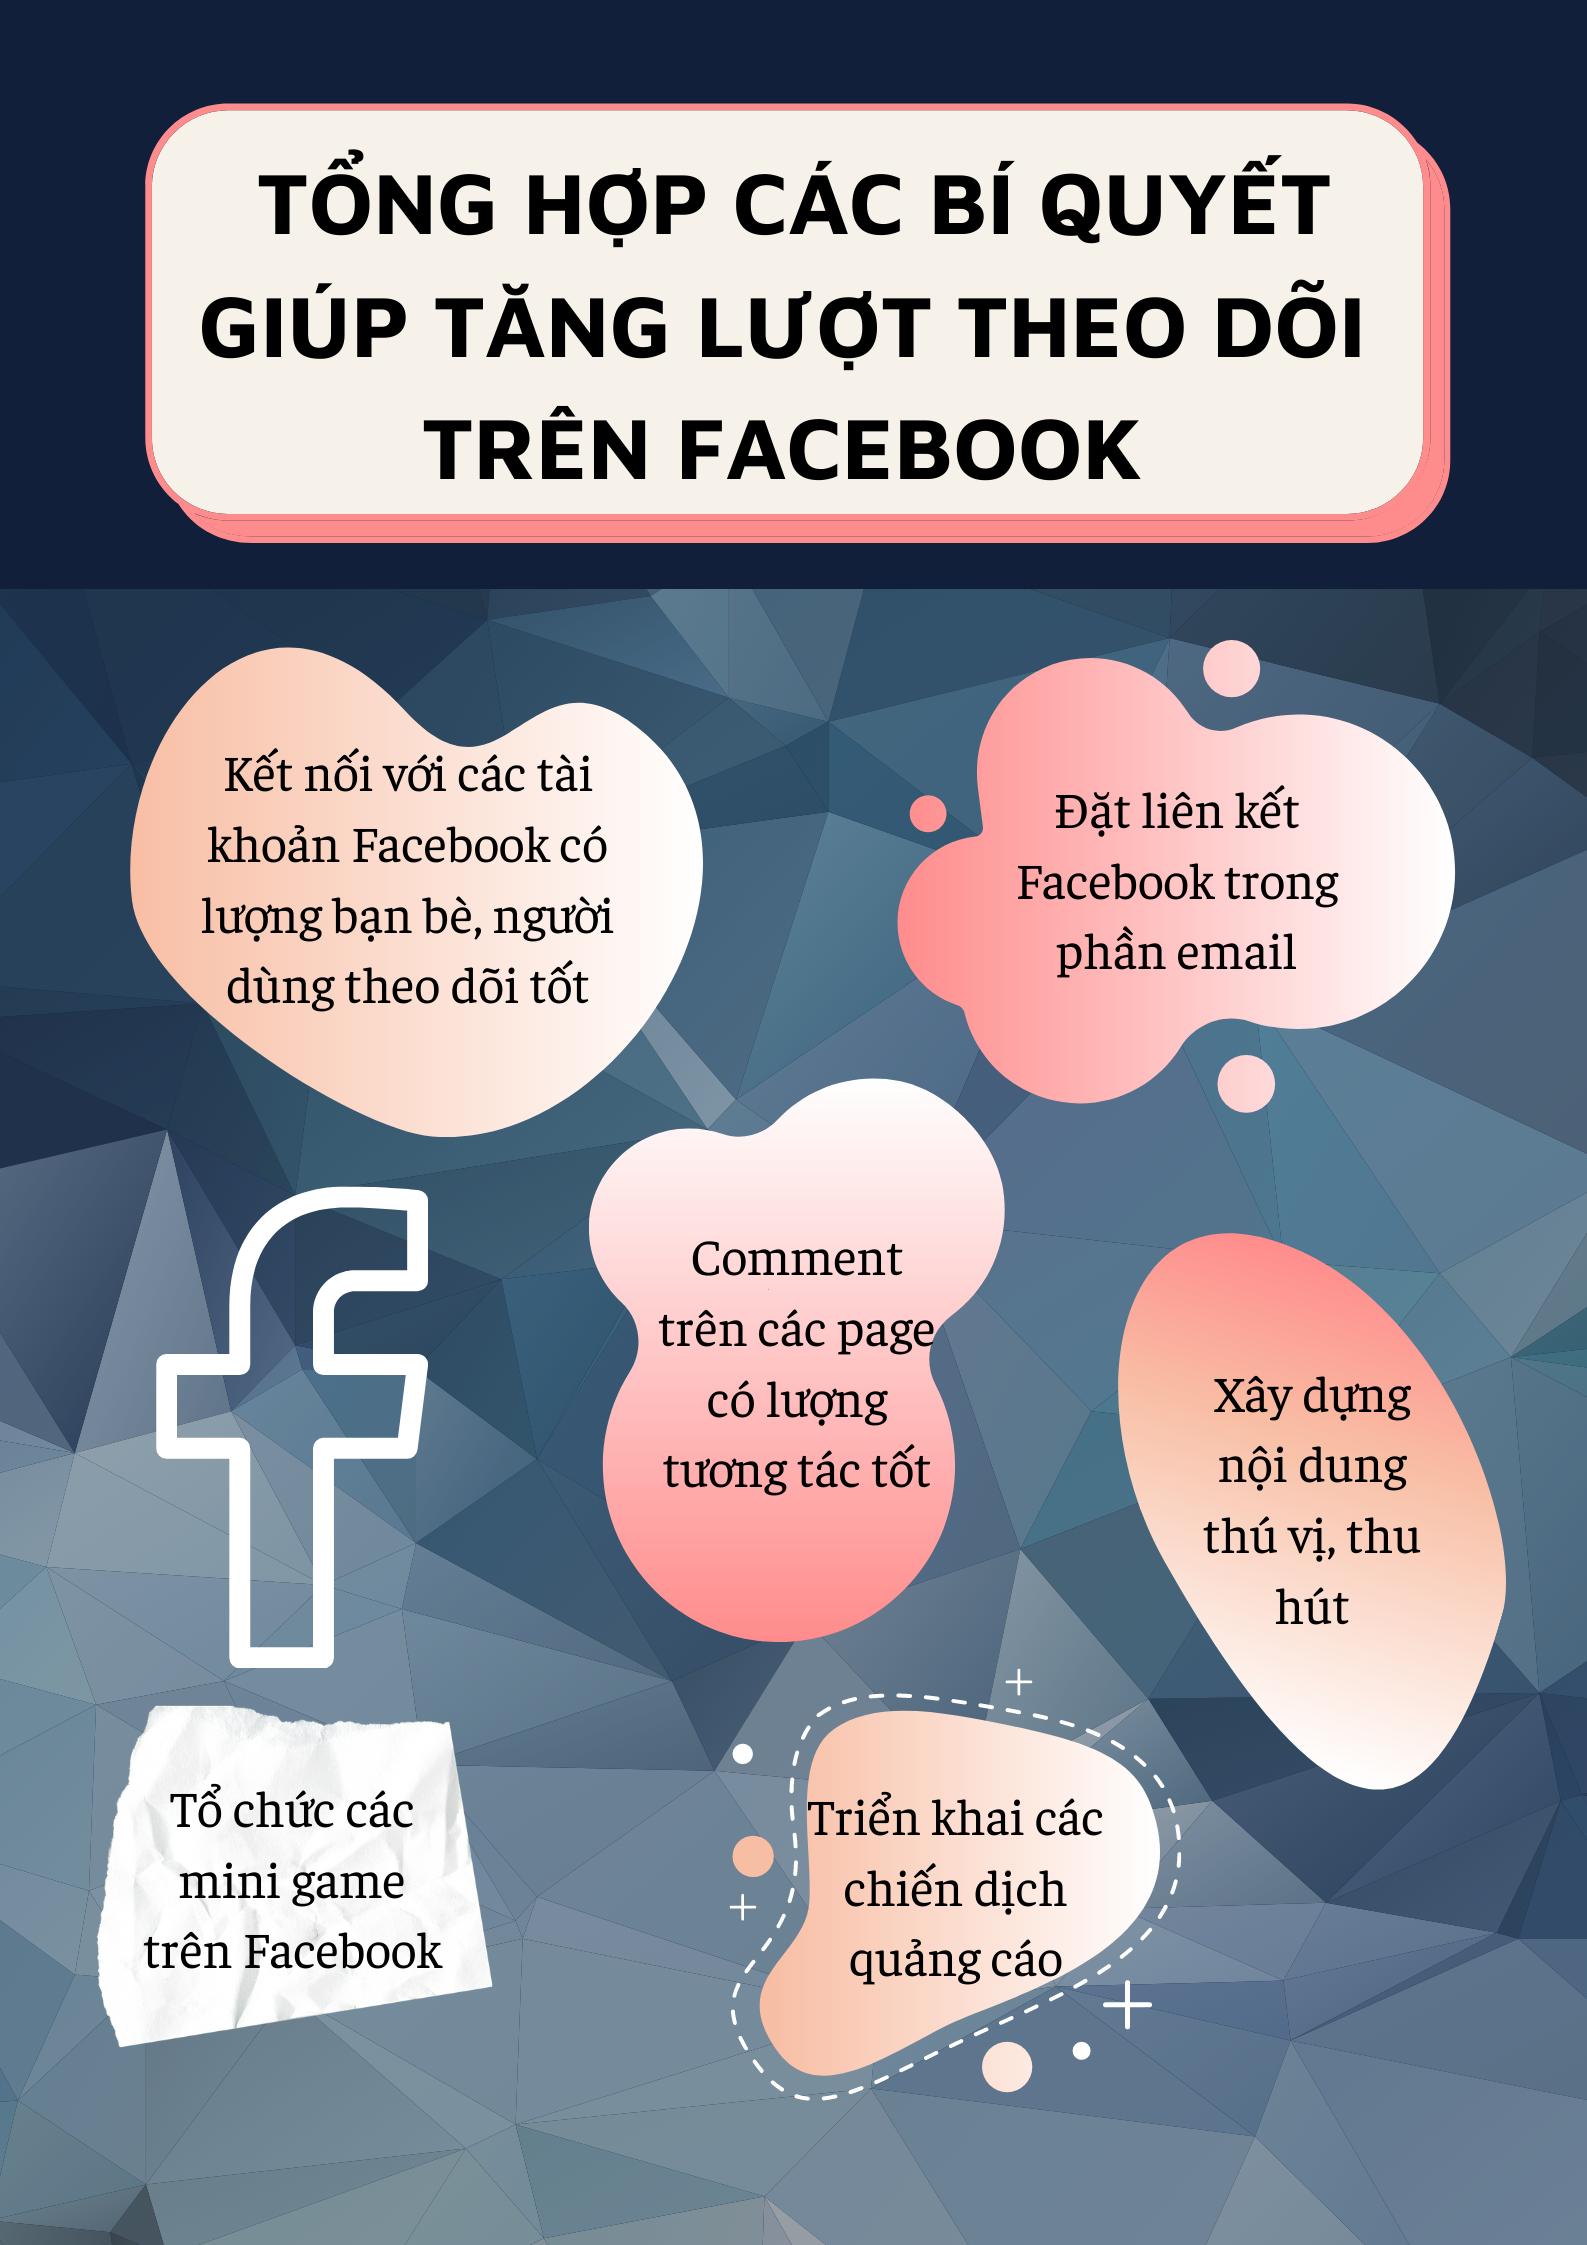 Cách hack follow Facebook 2021 trên máy tính, hack người theo dõi fb 2